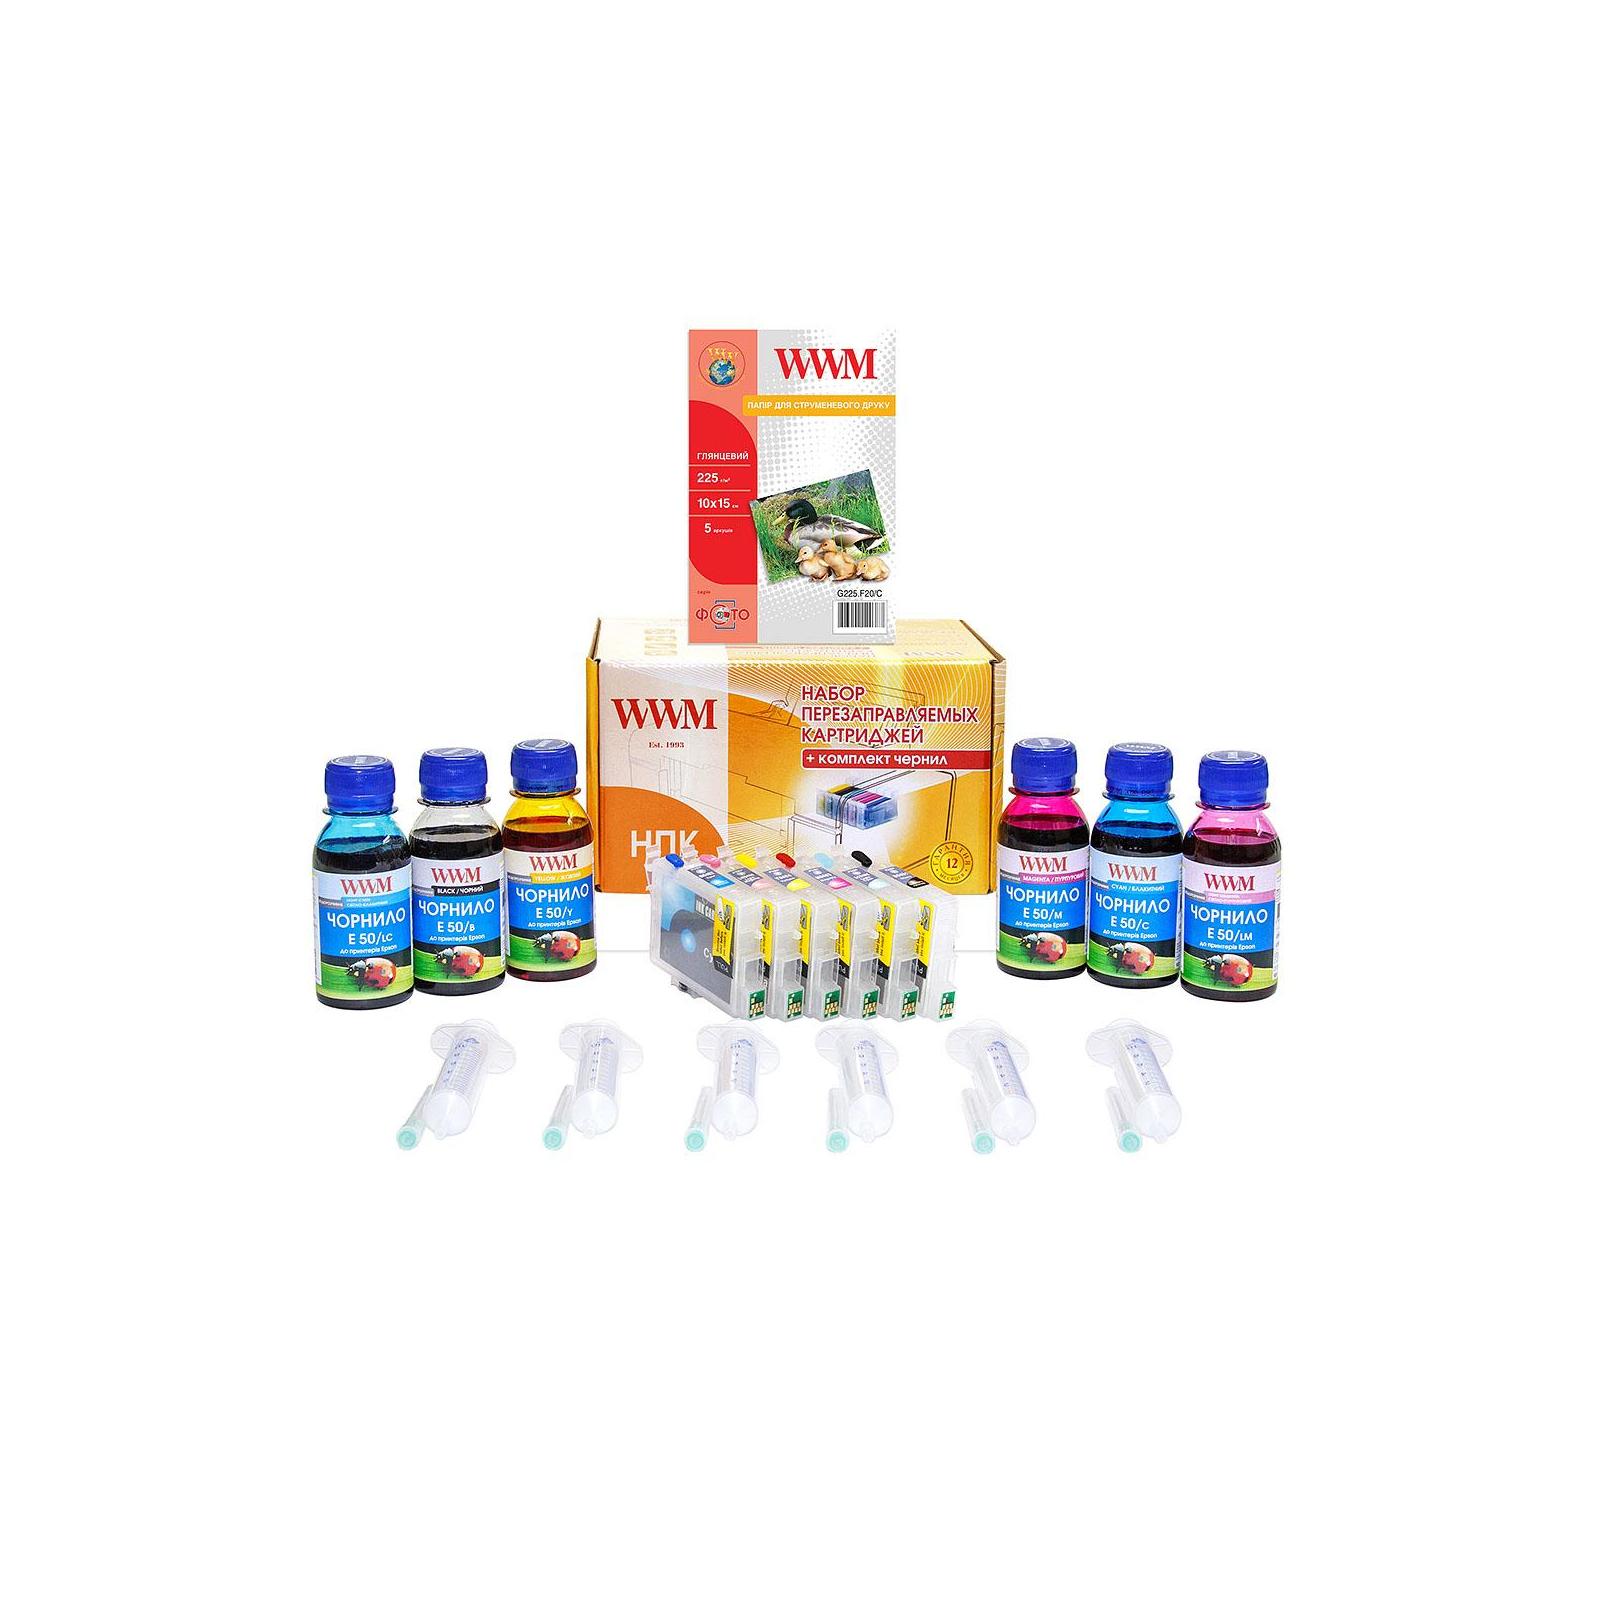 Комплект перезаправляемых картриджей WWM Epson R200/340/RX500/640 (RC.T048)